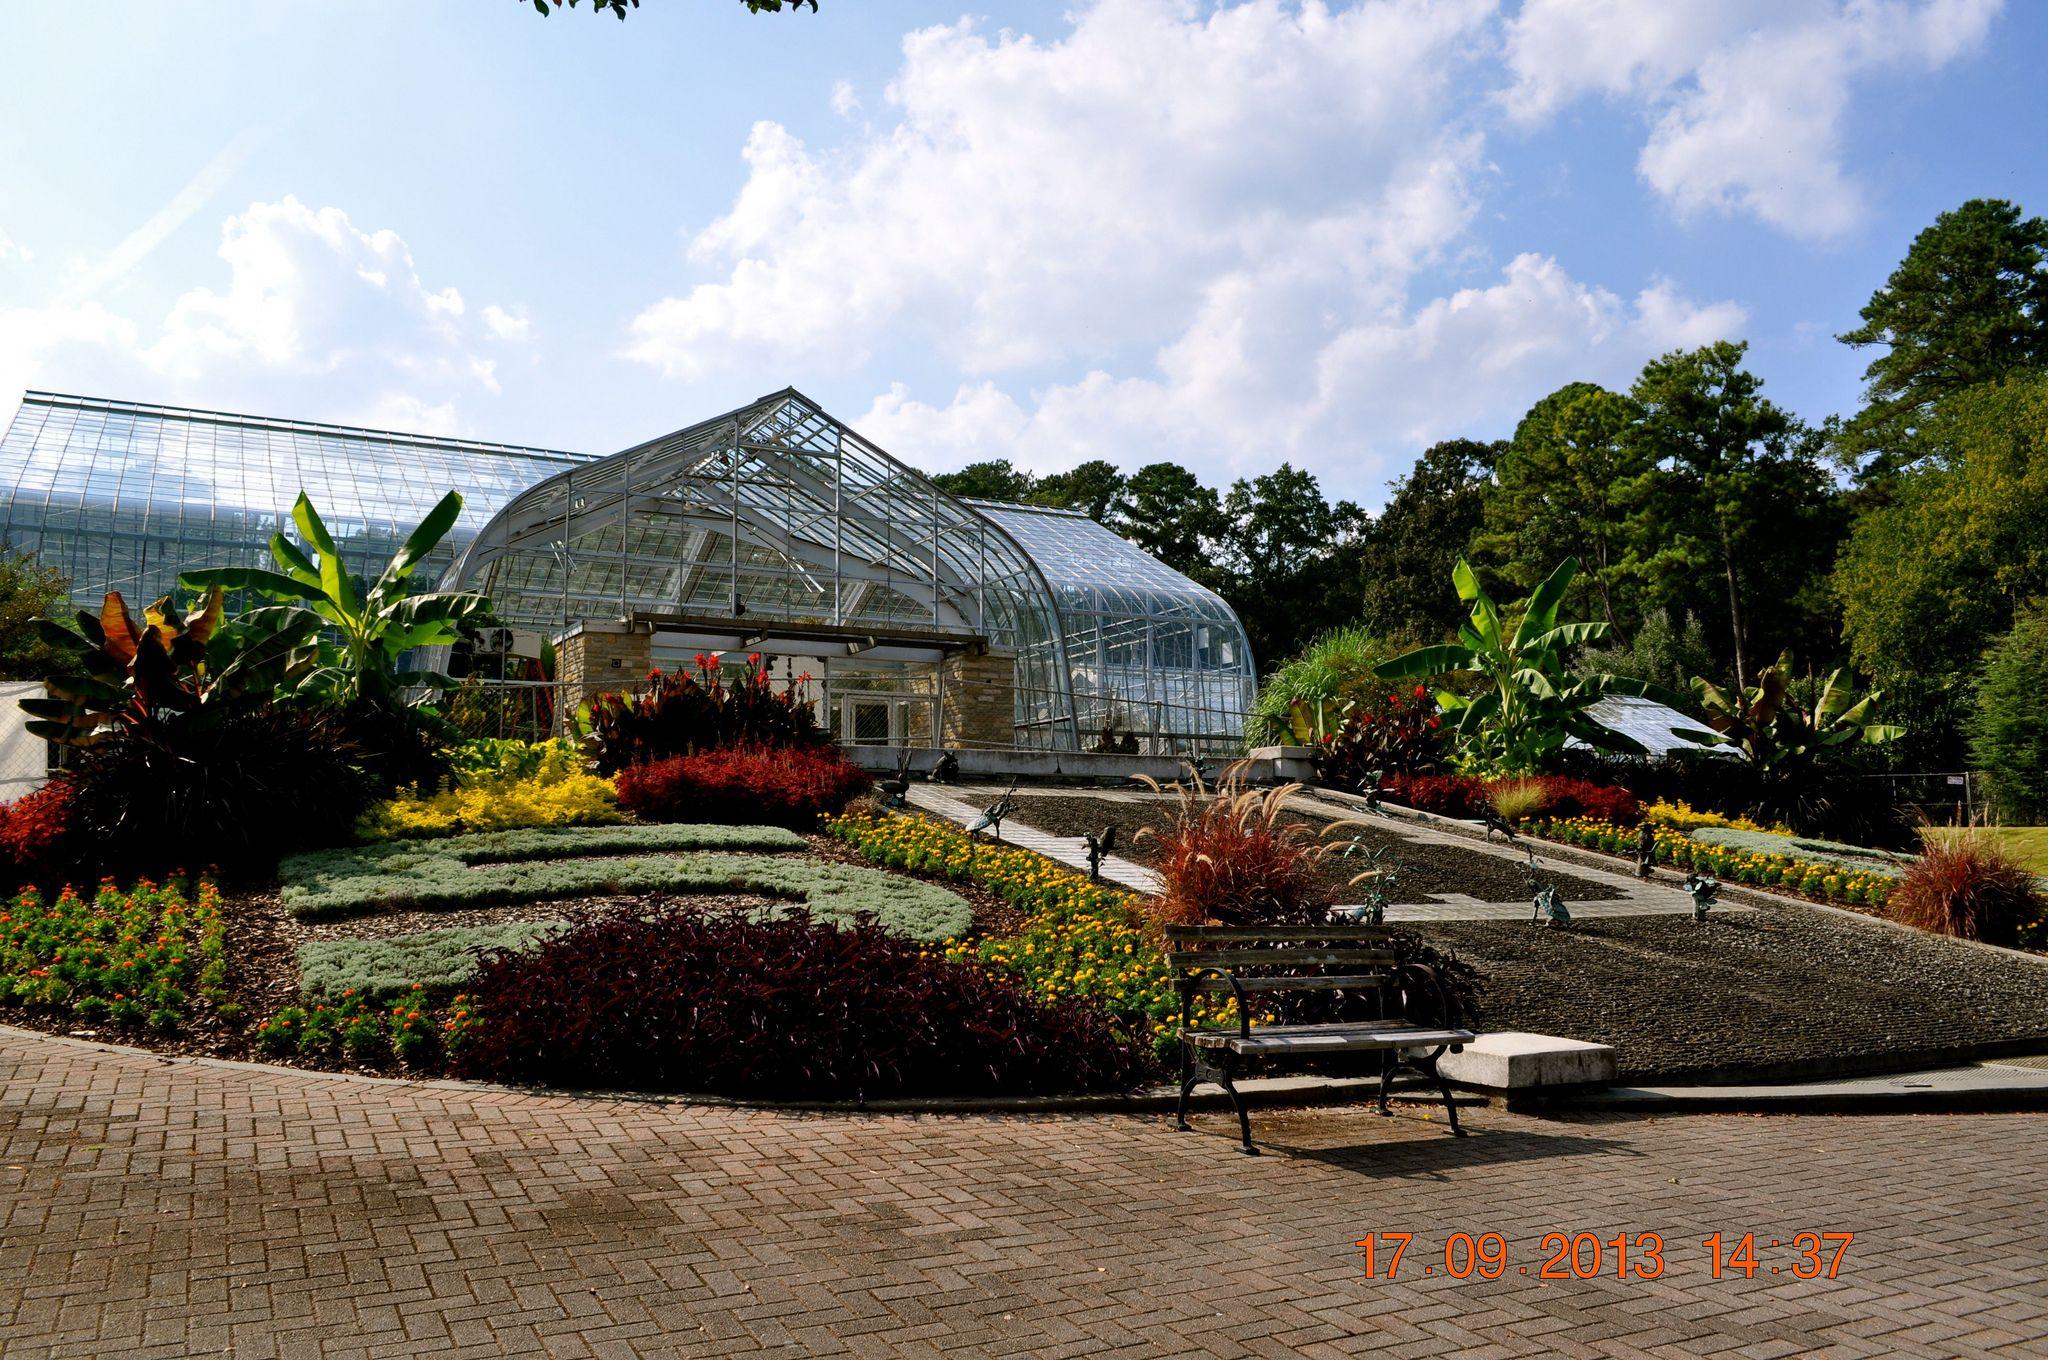 91cd1ae1227c1f8a8e5e315ec3209d00 - Parking At The Botanical Gardens Birmingham